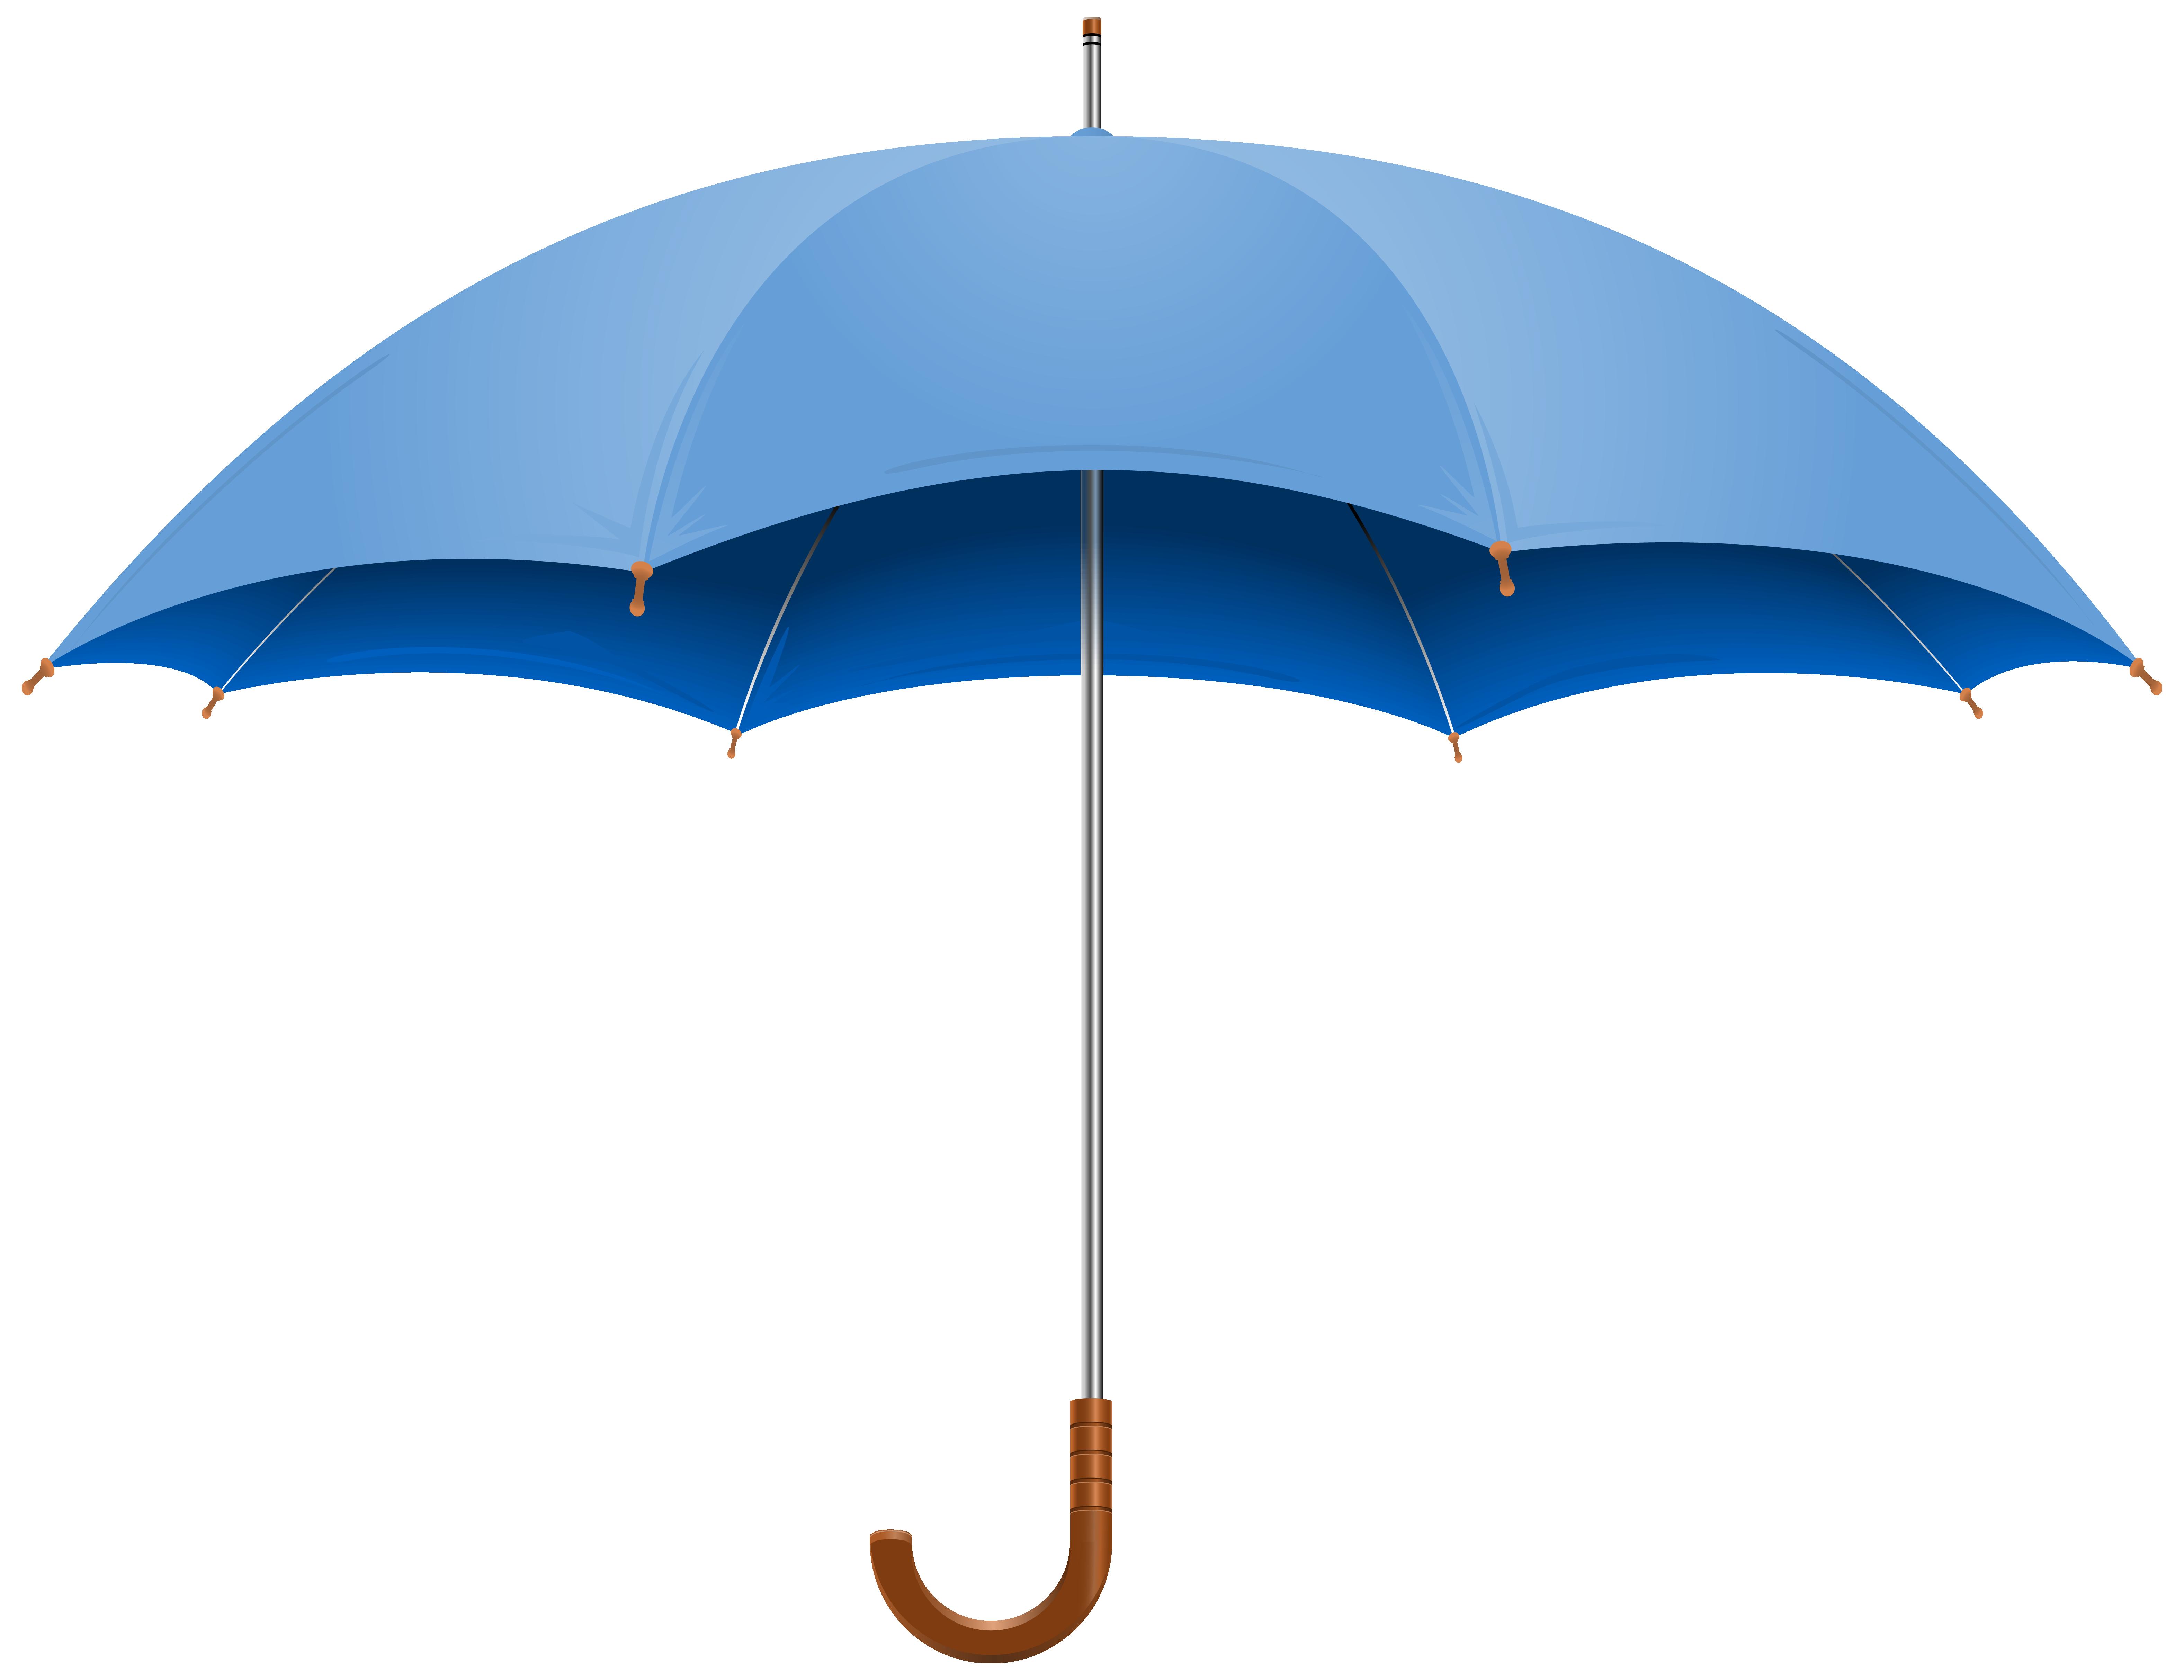 Blue Open Umbrella PNG Clipart Image